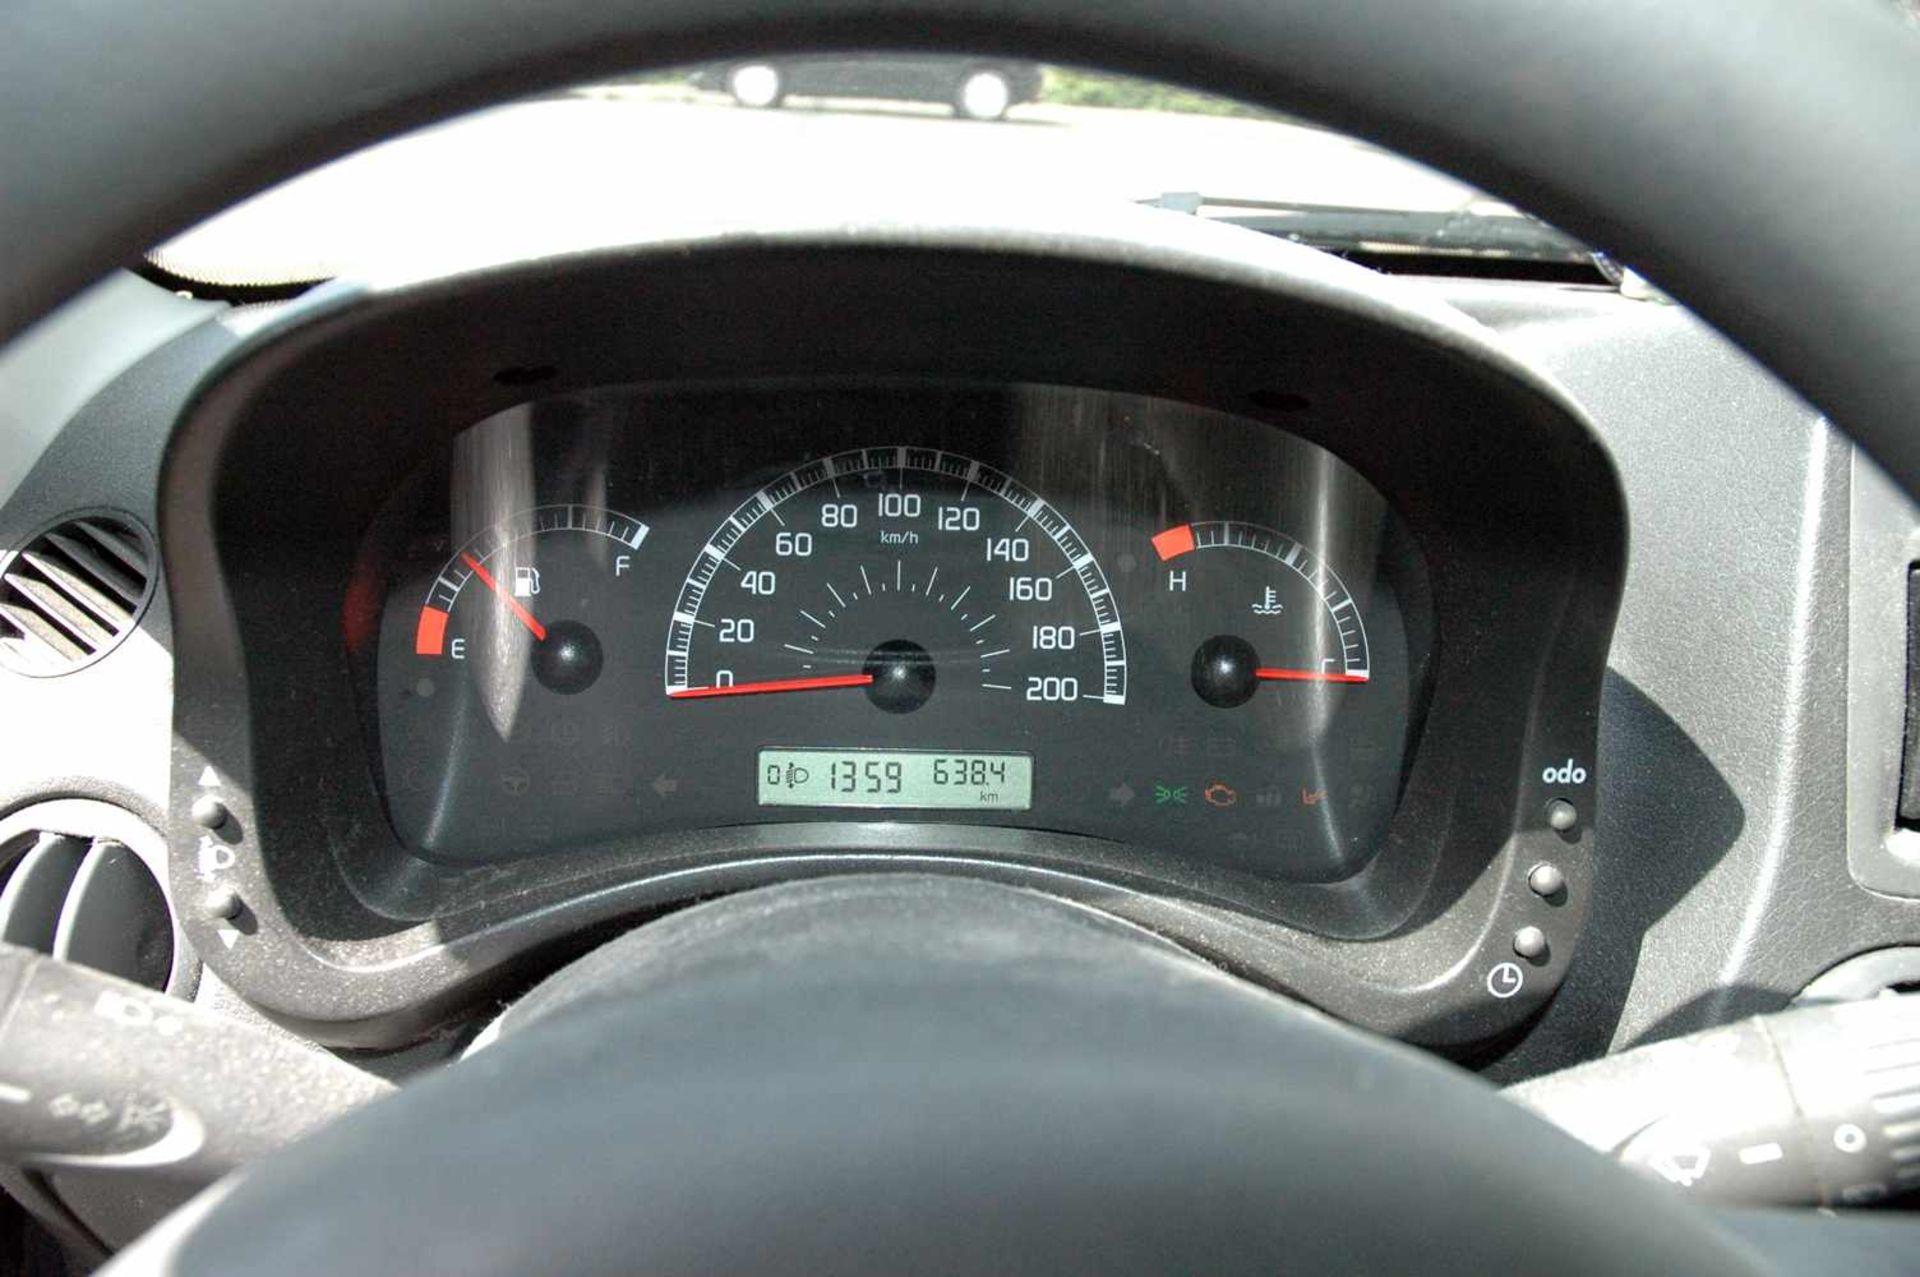 PKW, Fiat Panda, EZ 01.04.09, 40 kW, km-Stand: 130965m blau, TÜV 9/20, Benziner, Brief nicht - Bild 5 aus 9